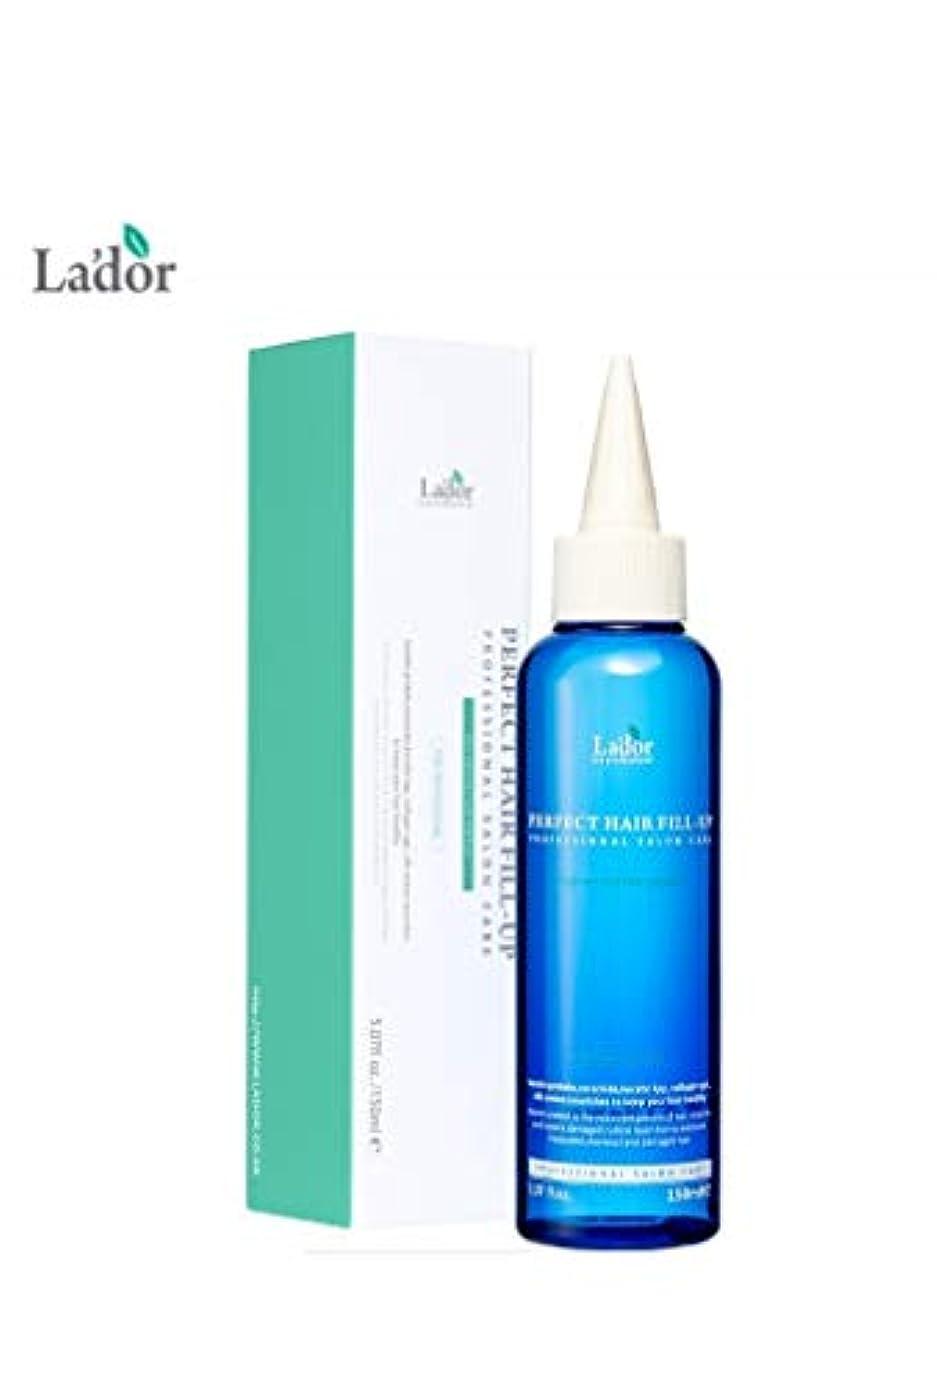 ソーセージ触覚苛性La'dor☆Perfect Hair Fill-up(Fair Ampoule)150ml アドール ヘア フィルアップ ヘアアンプル150ml [並行輸入品]